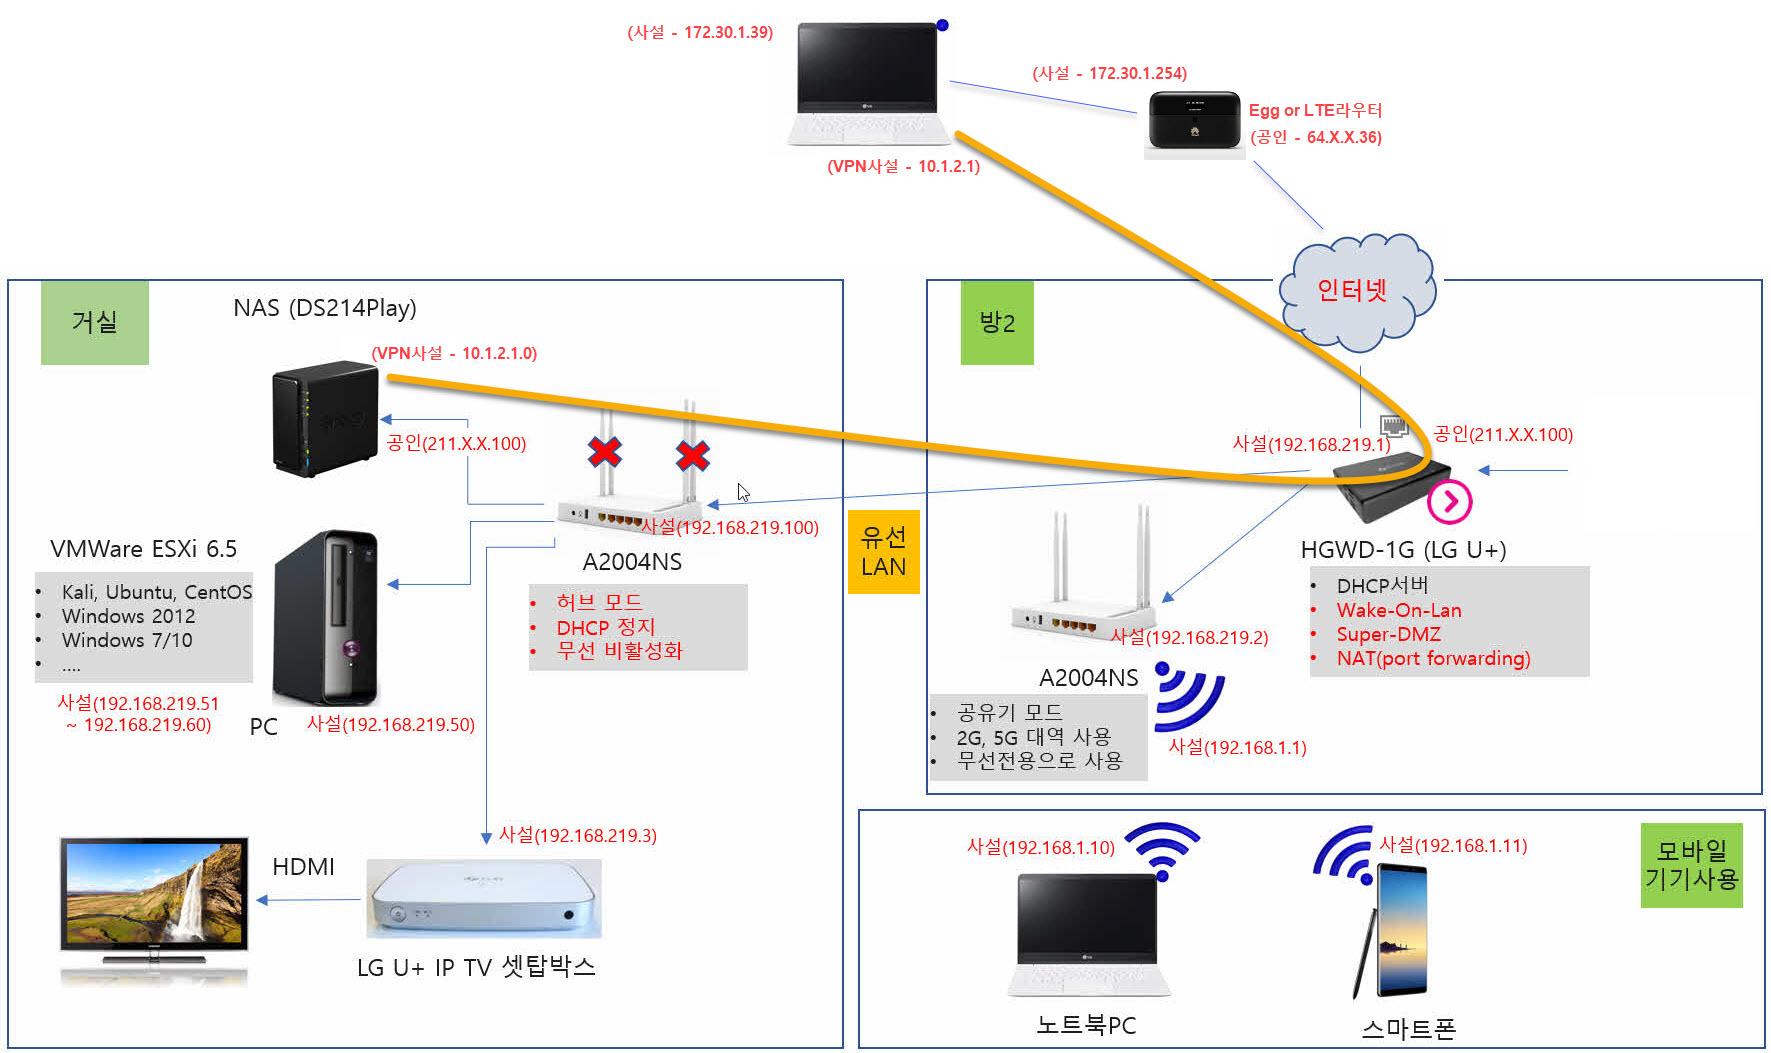 VPN을 이용해 외부에서 집에 접속하기